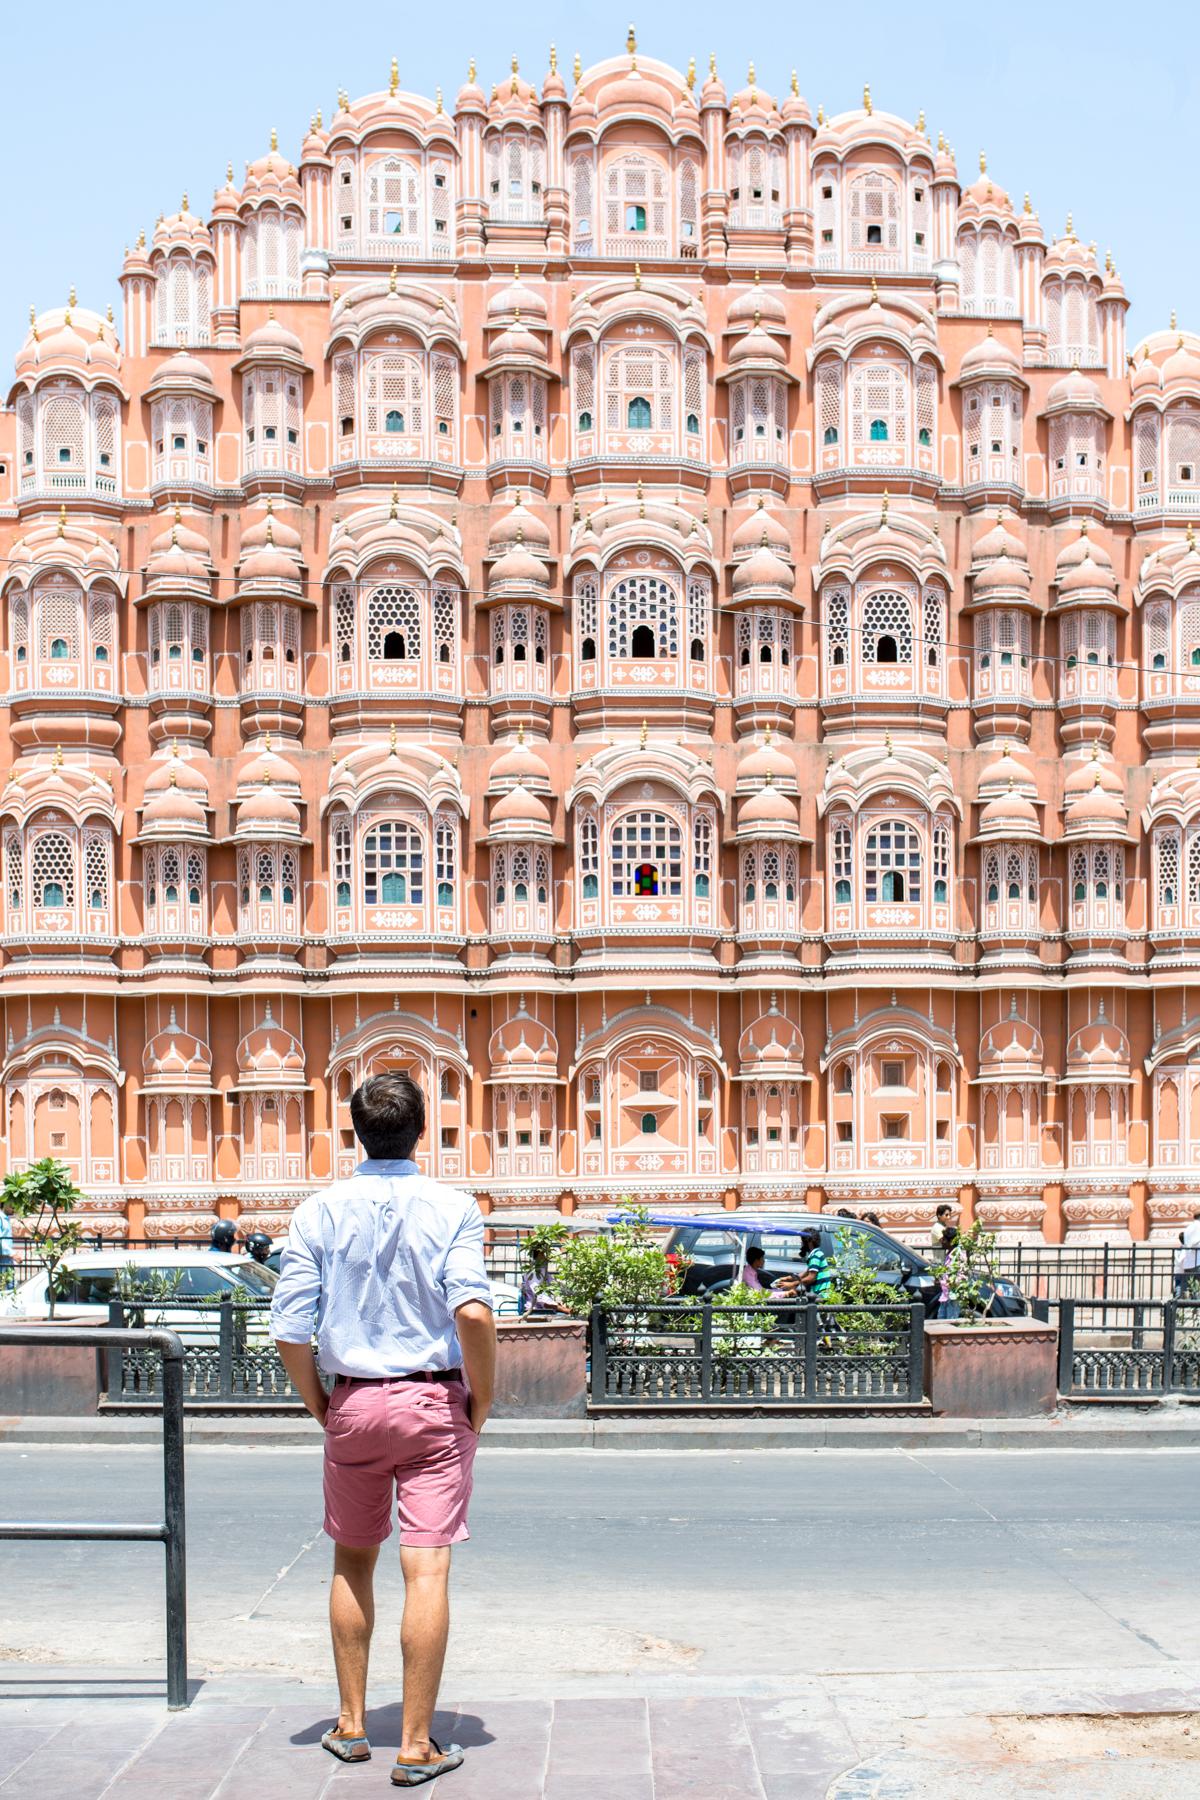 Stacie Flinner City Palace Jaipur 10 Best -9.jpg